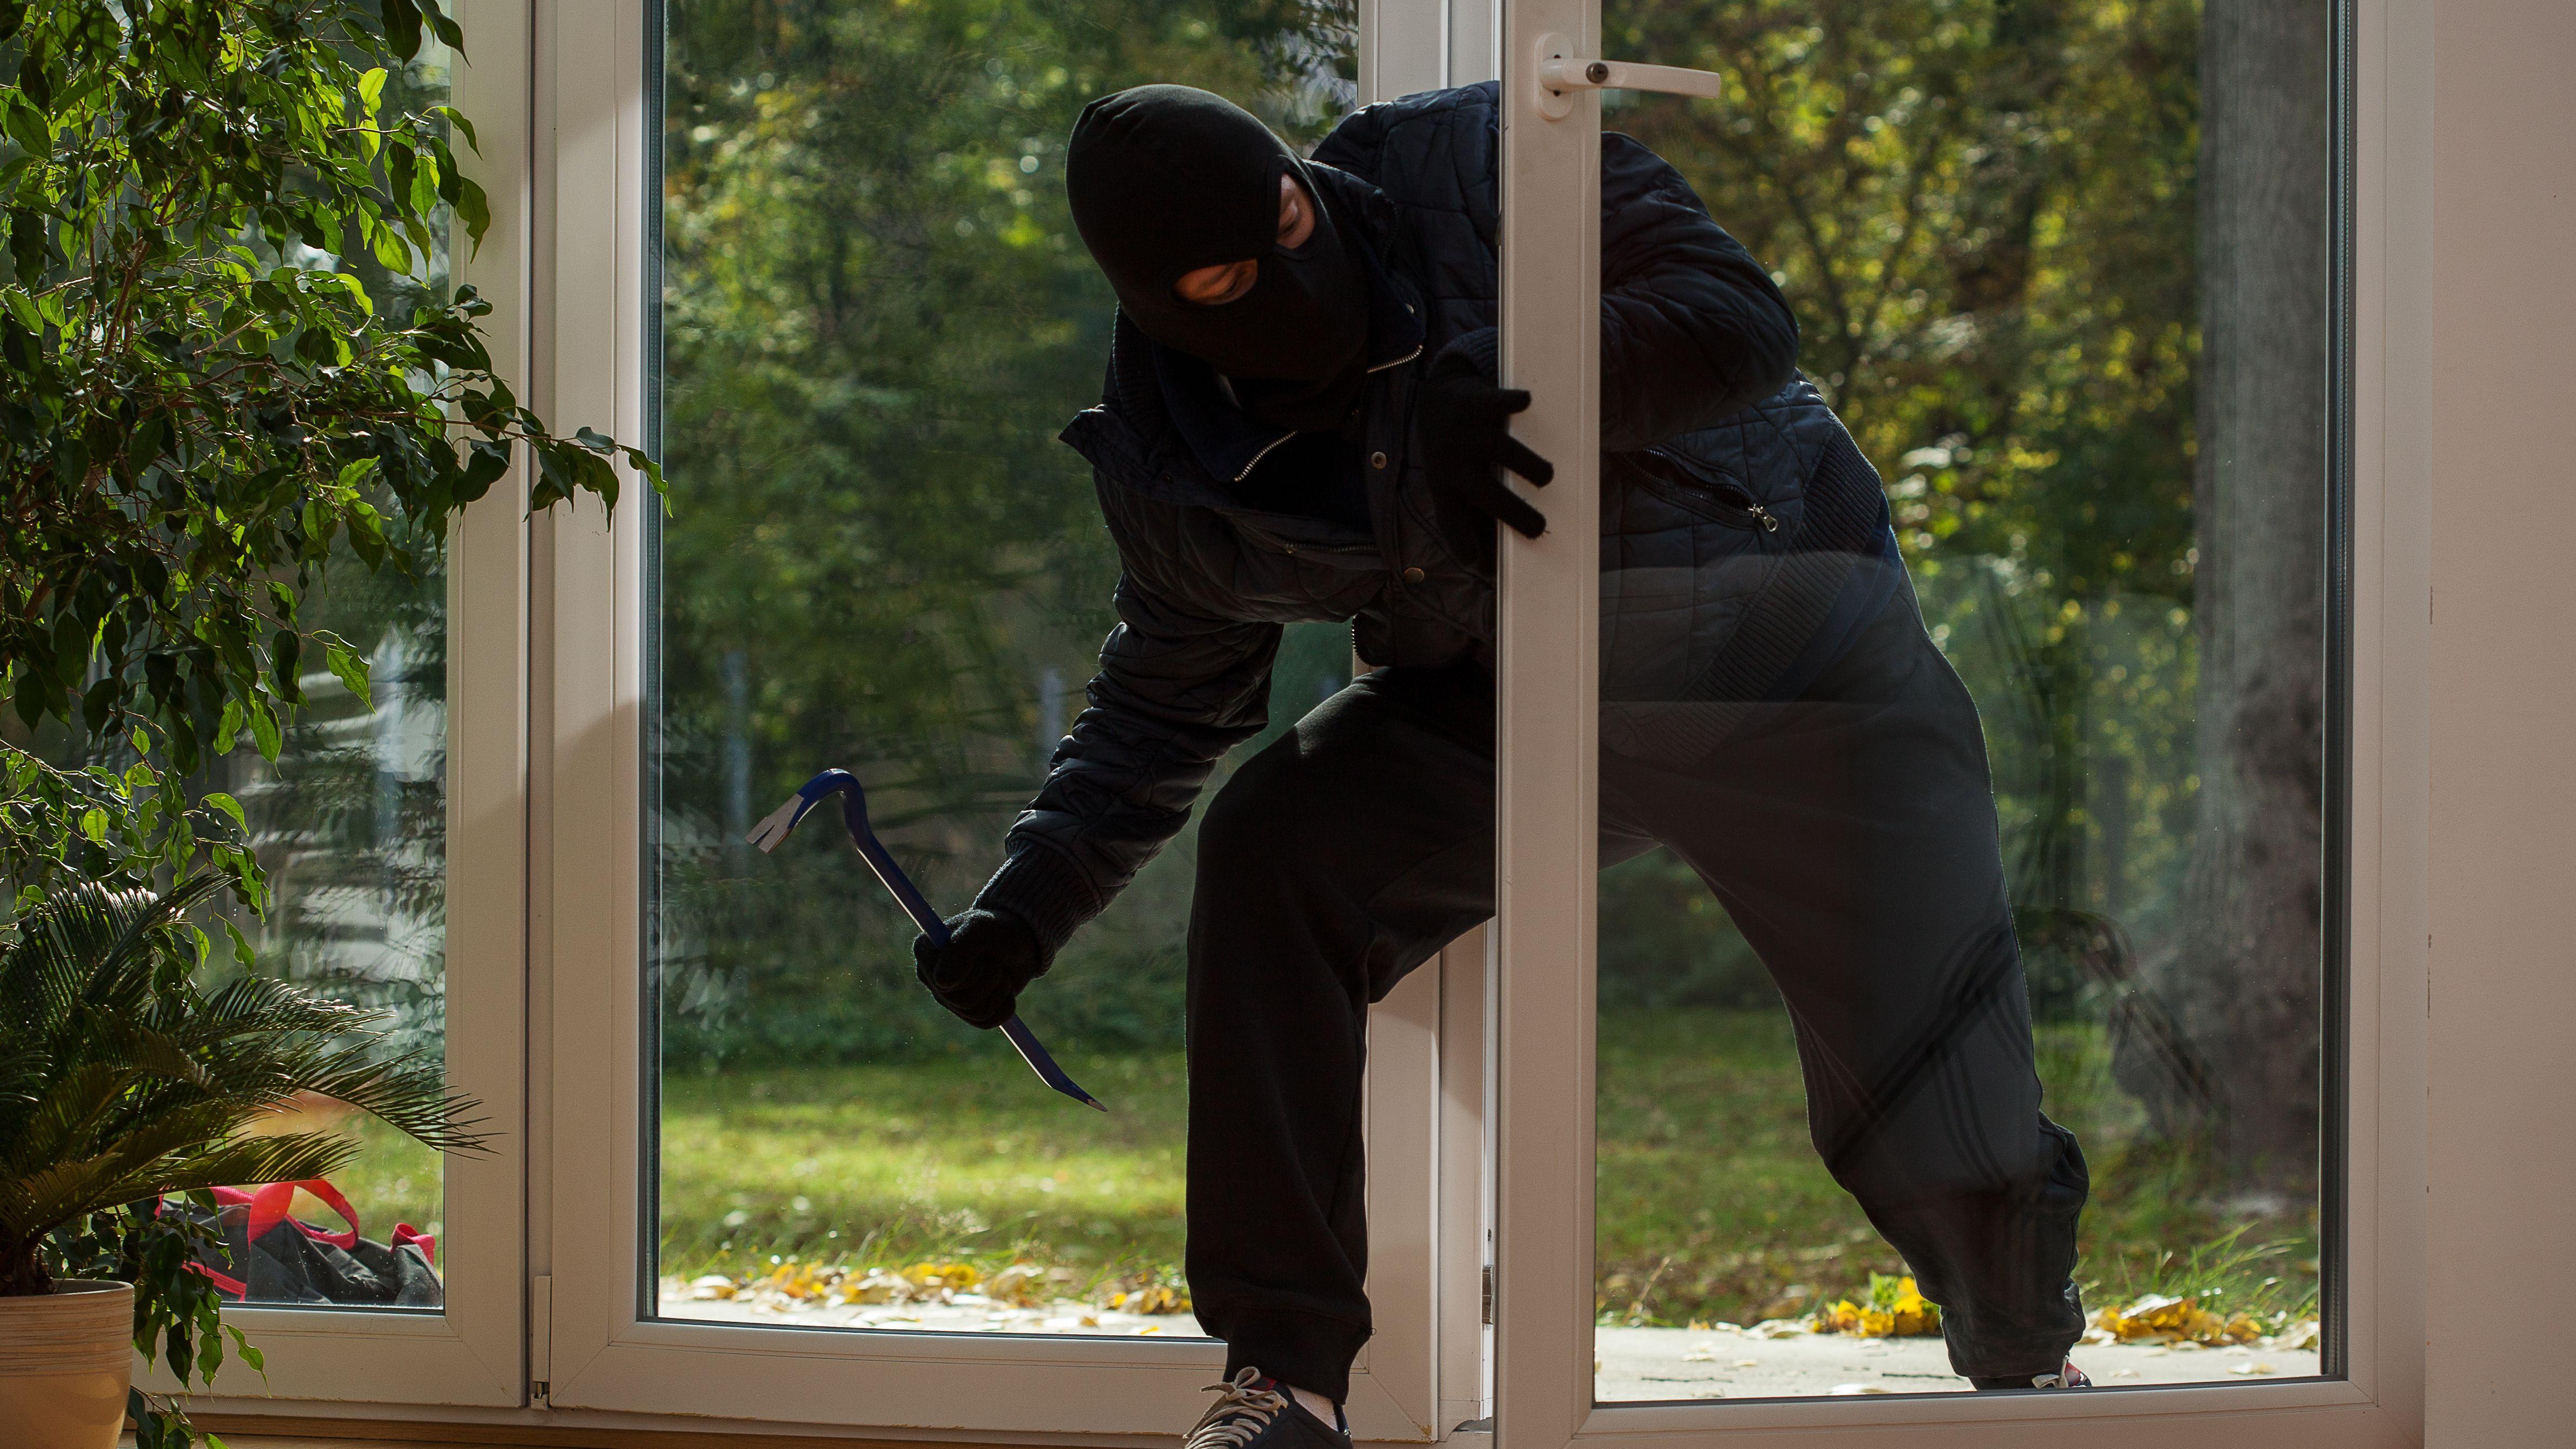 Ein Einbrecher steigt über die Terassentür in eine Wohnung ein.